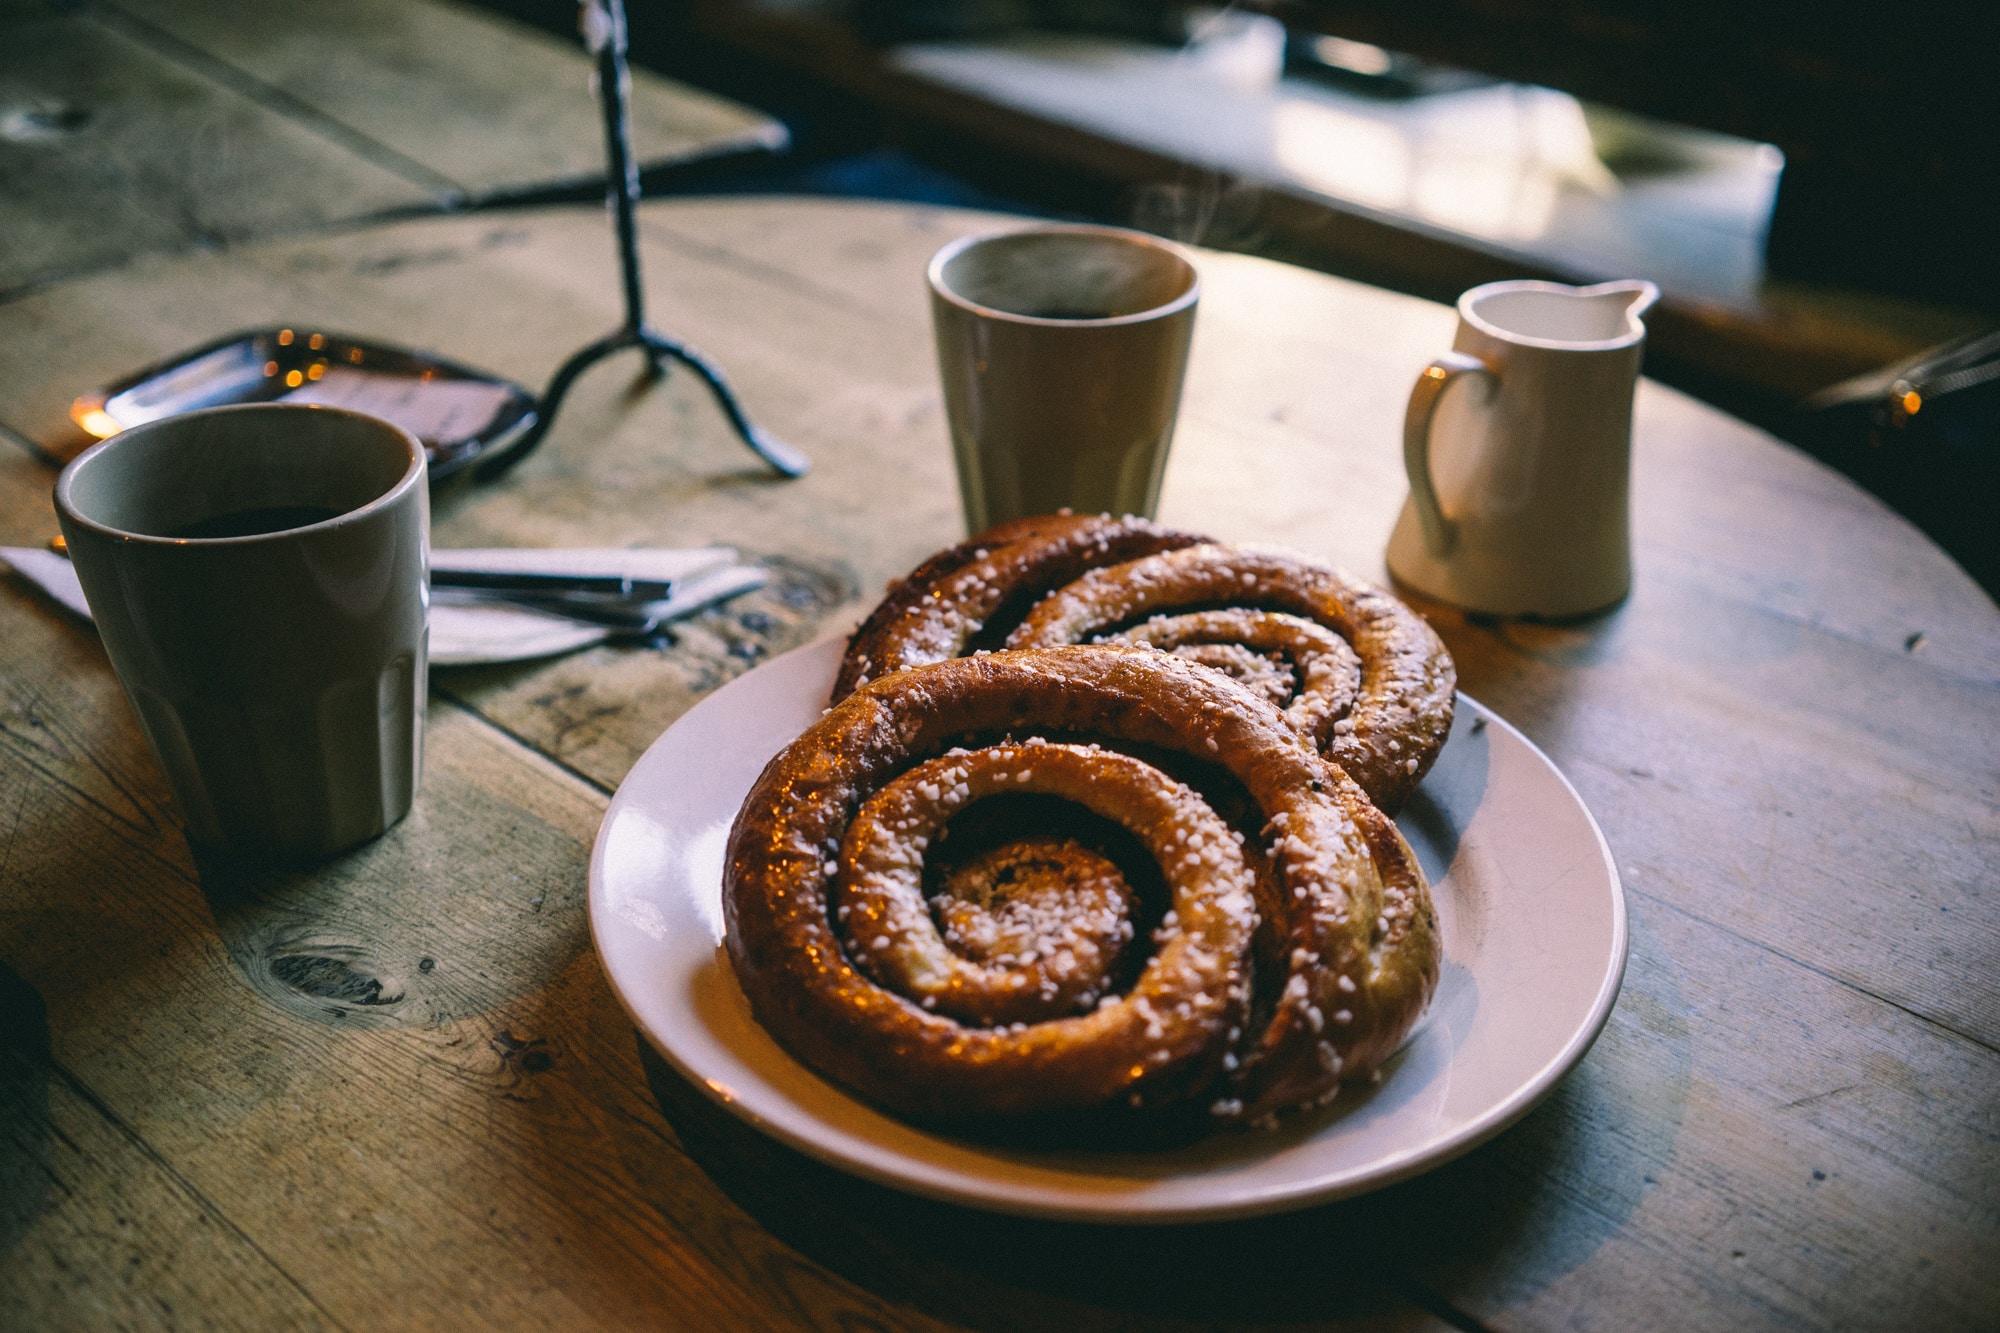 plate of glazed bread near mugs on tabletop